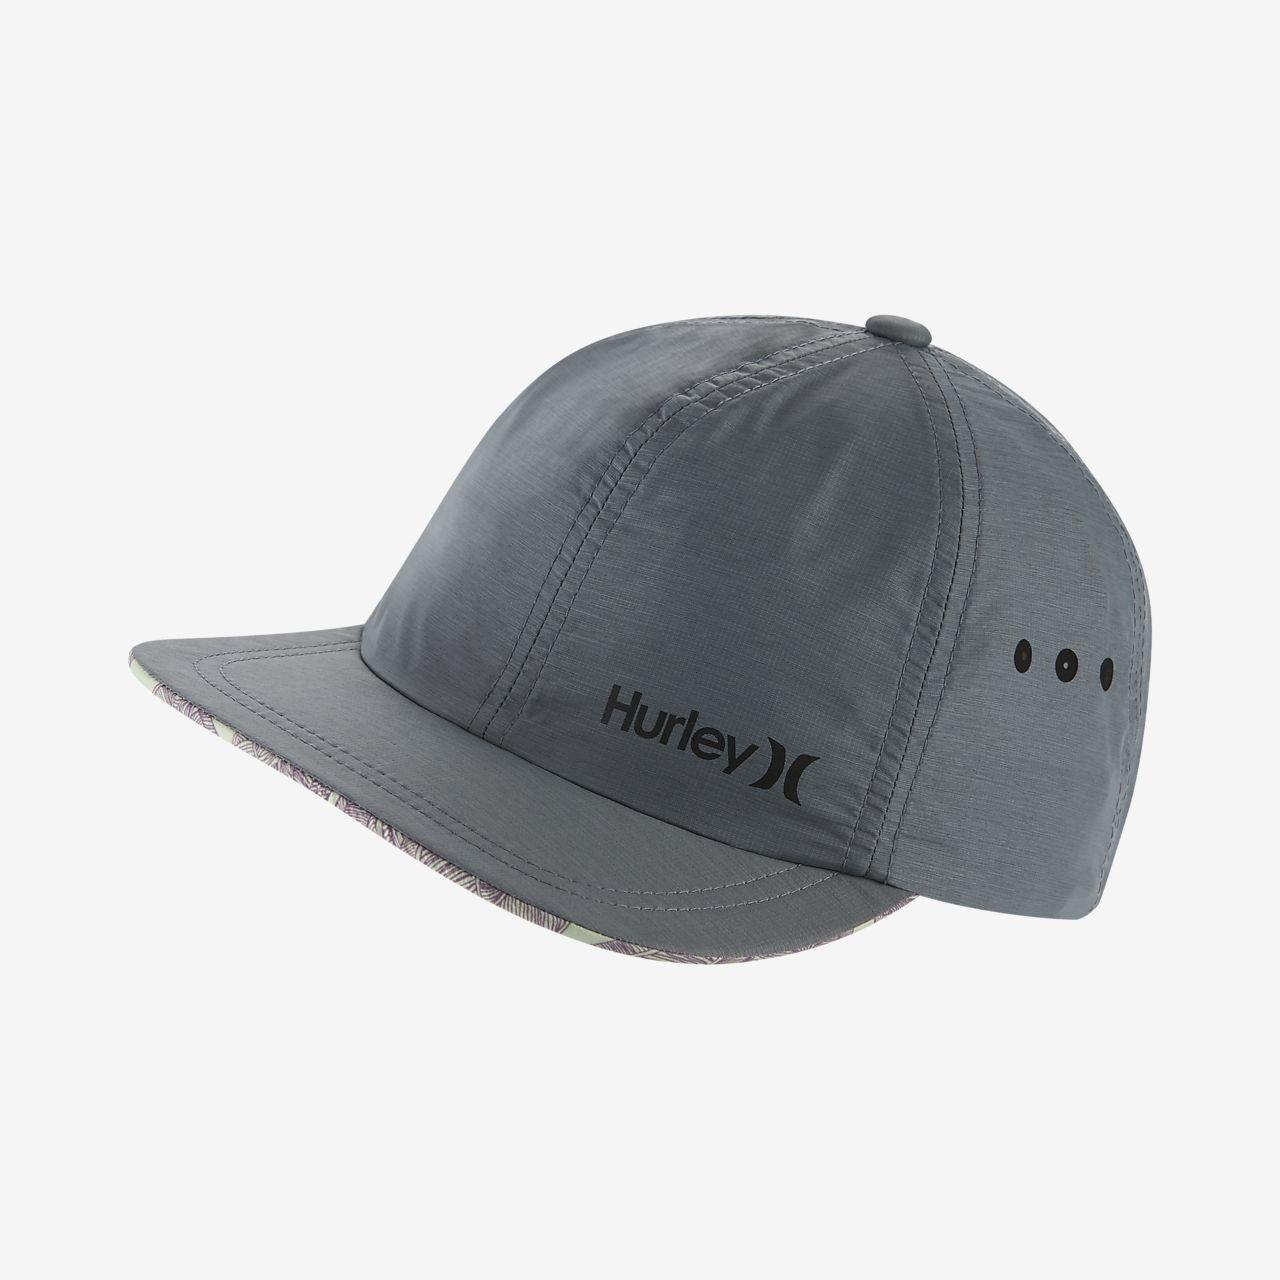 39443ffebfa83 ... denmark hurley lush adjustable hat be8eb a3ad2